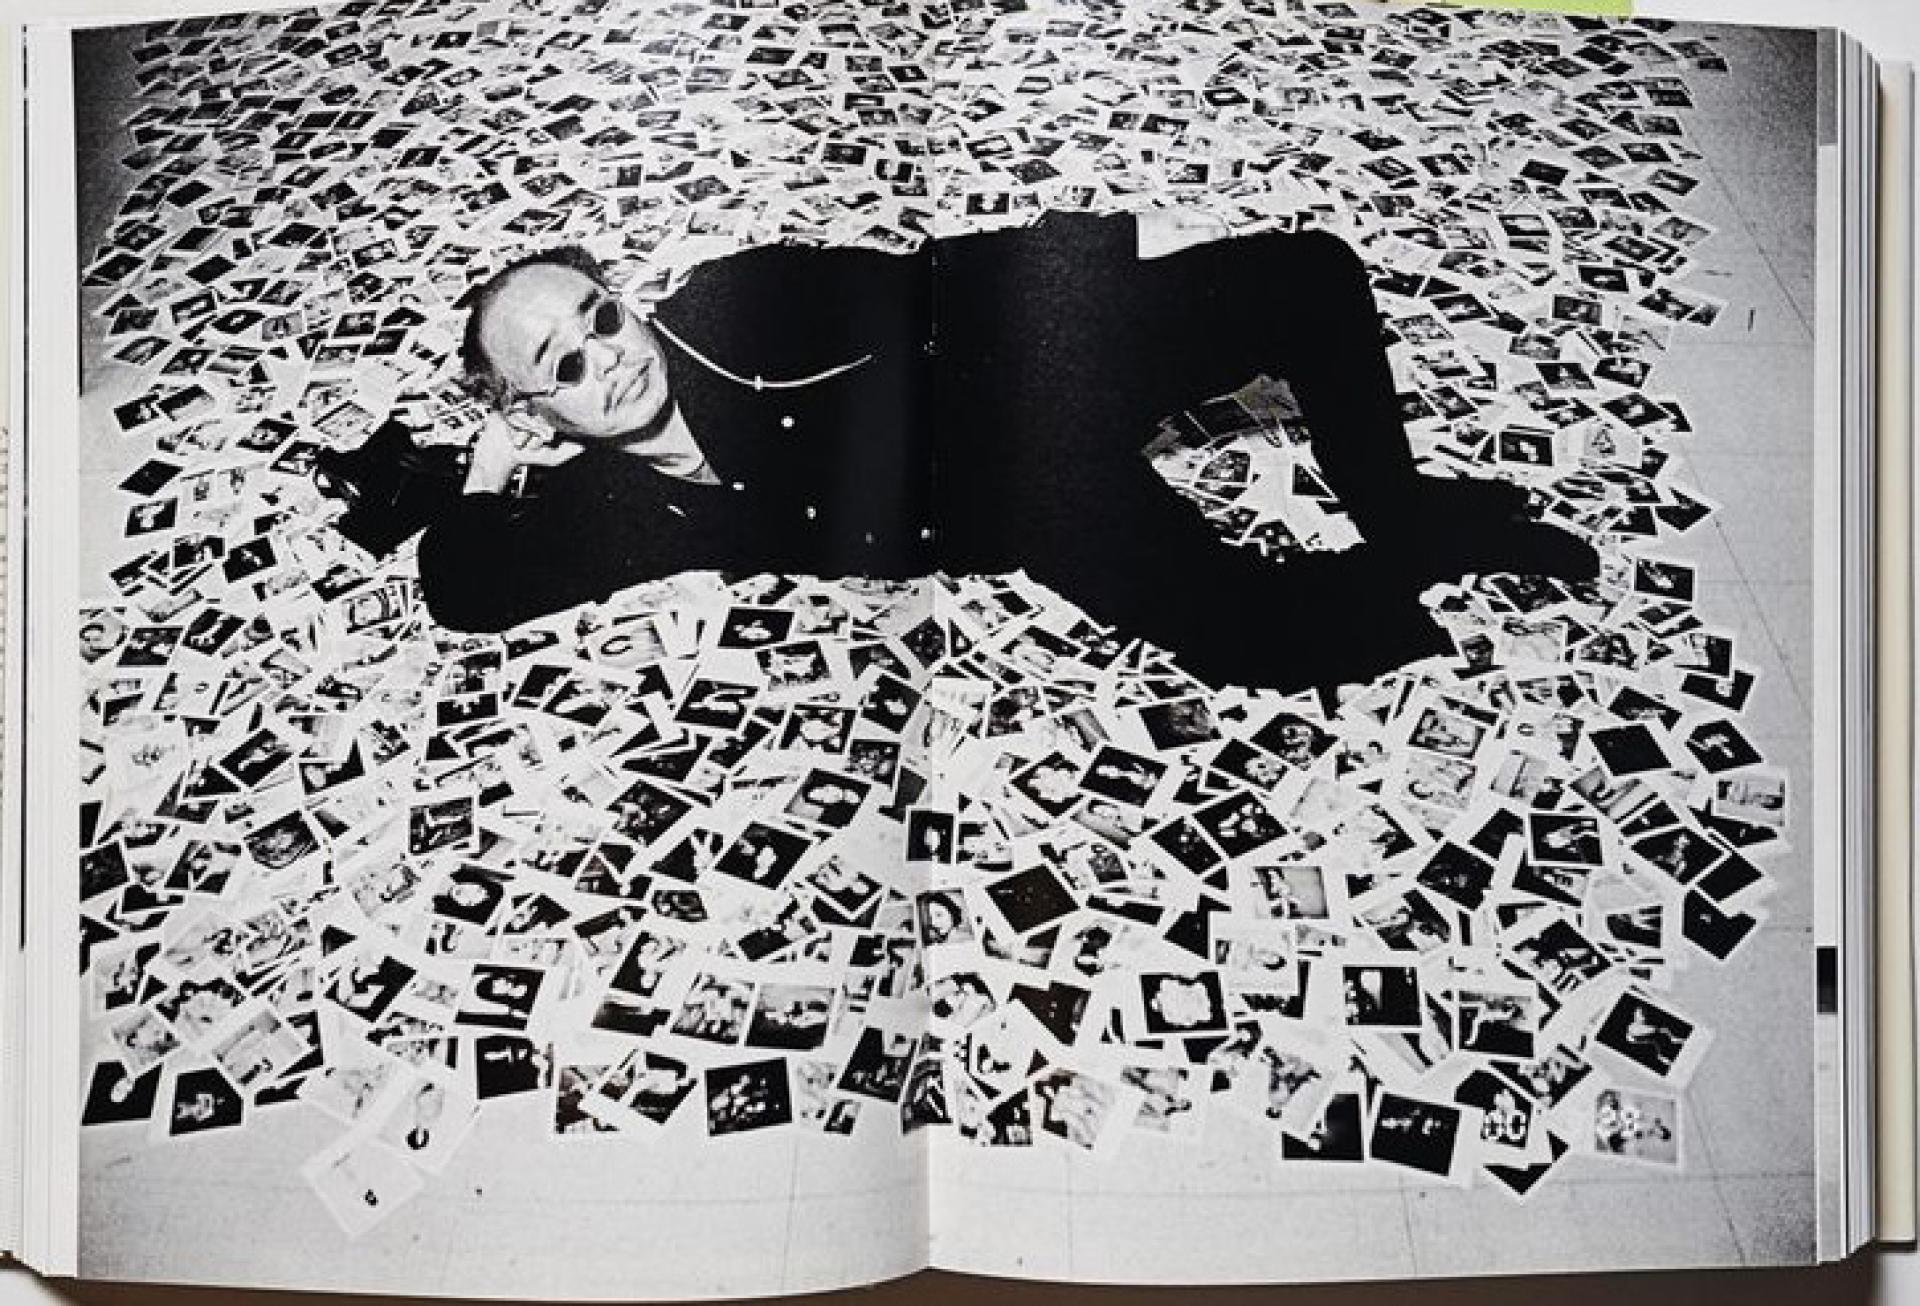 Araki, allongé sur 6 000 de ses clichés  pour l'exposition « Polart 6000 », en 2009.